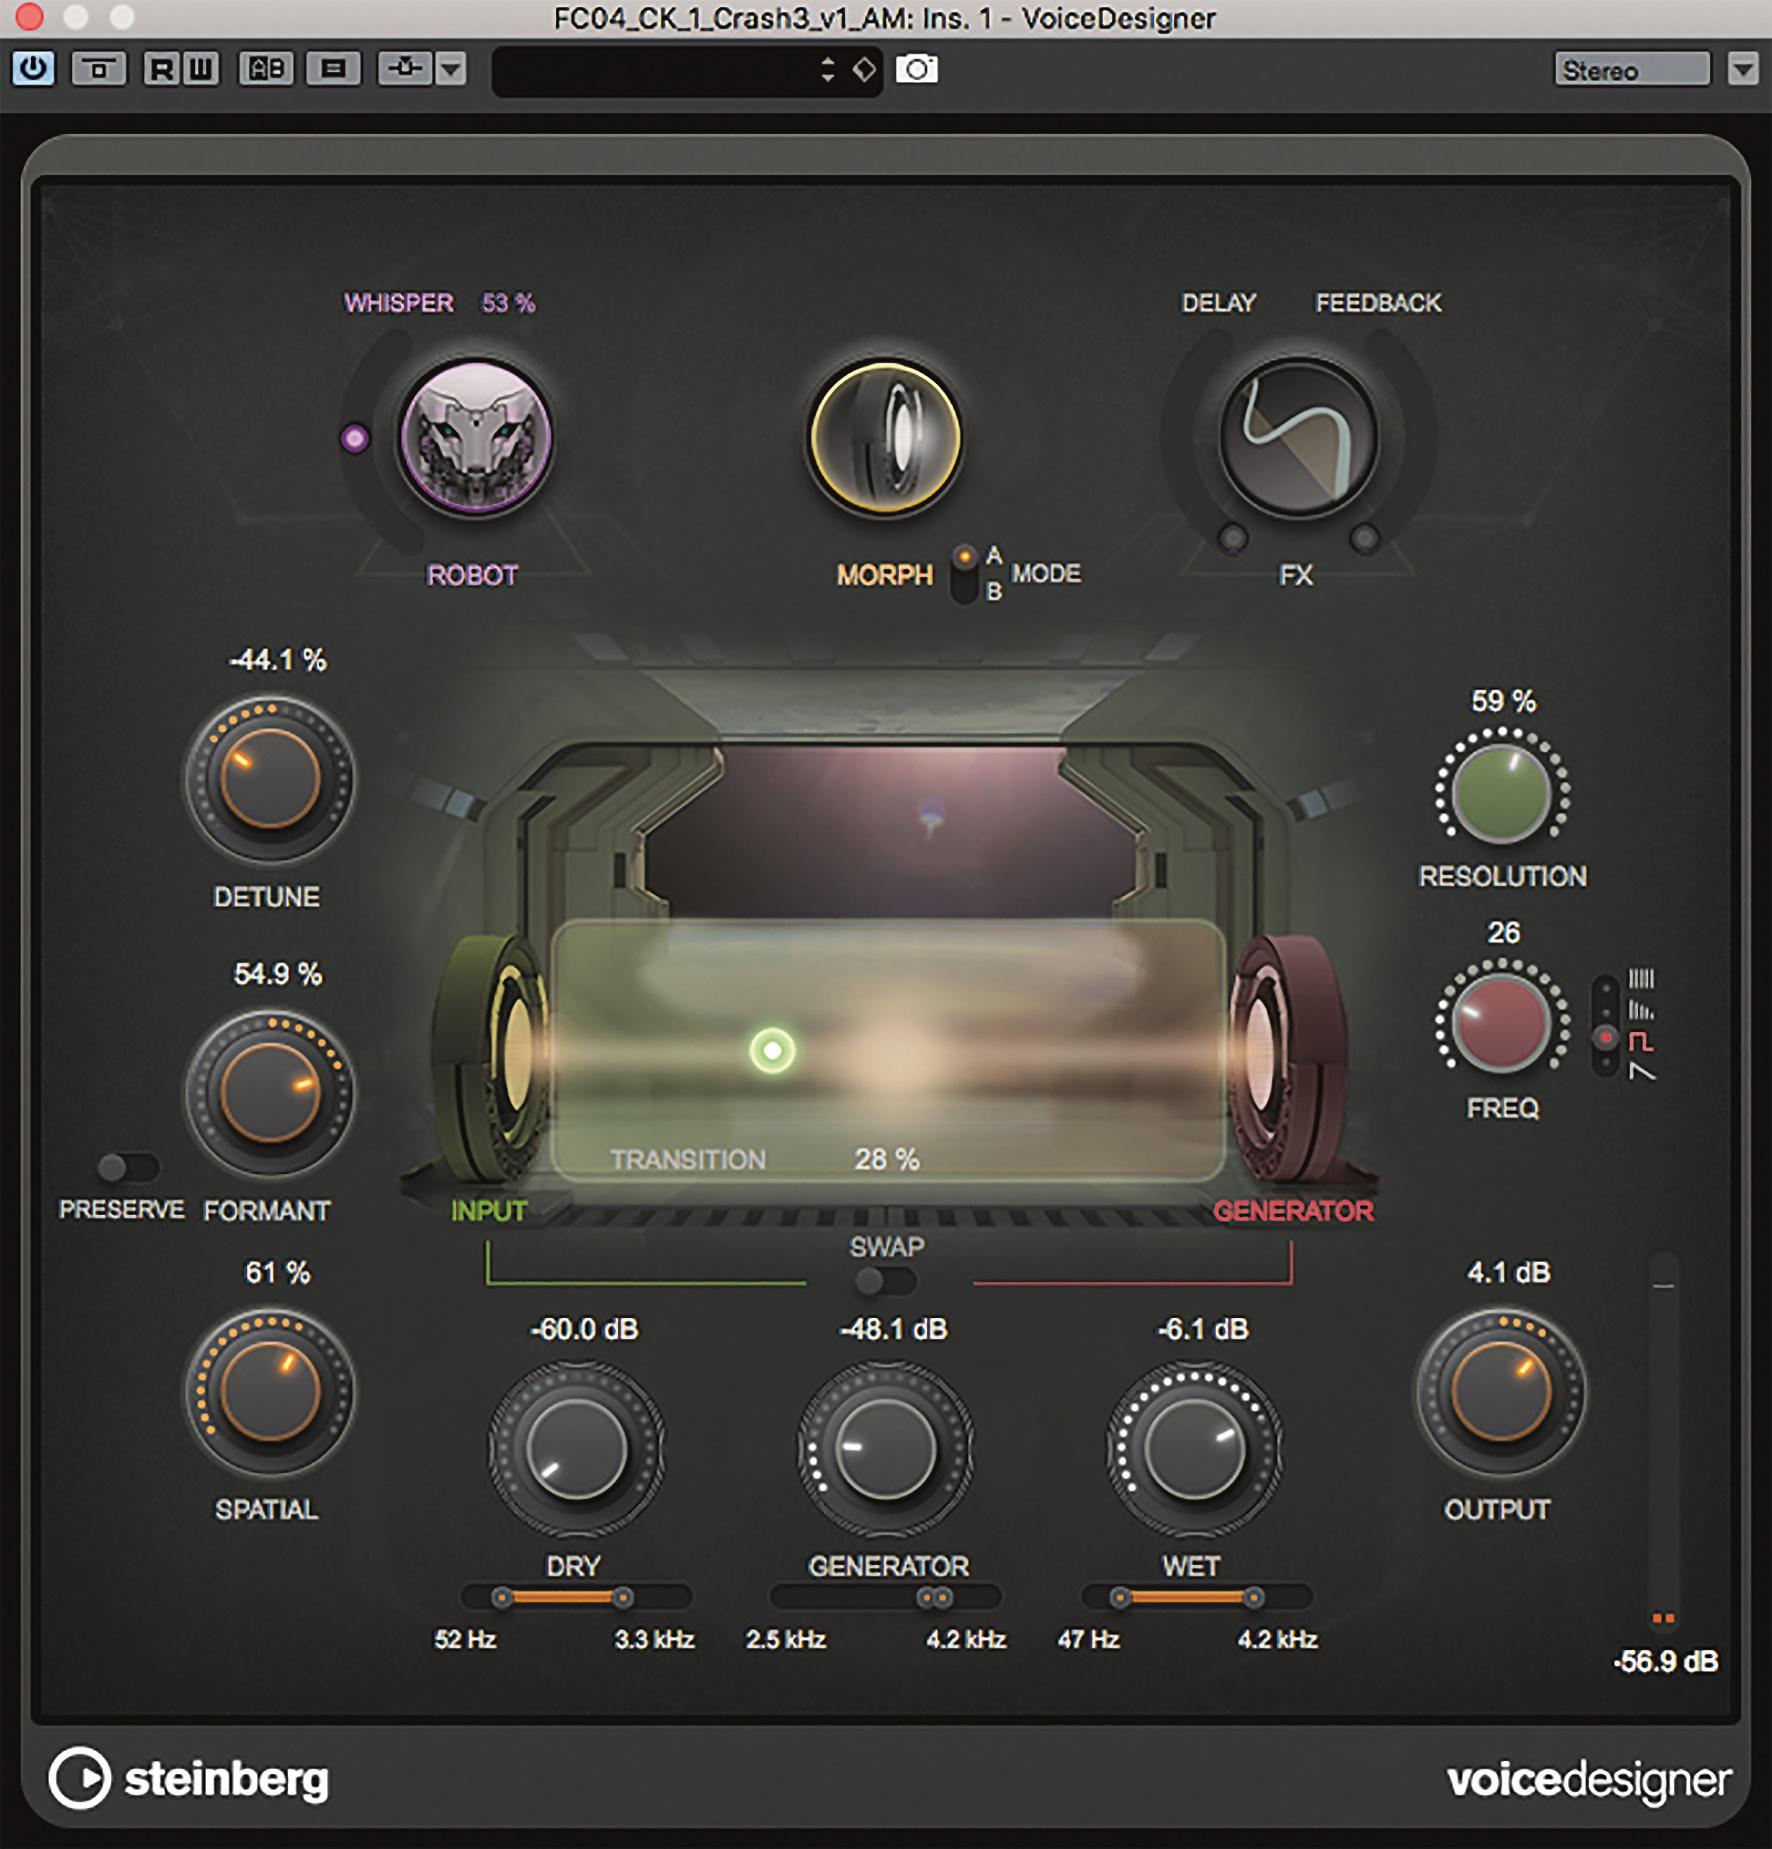 Der Voice Designer sieht nicht nur schön aus, sondern klingt auch gut und abwechslungsreich.